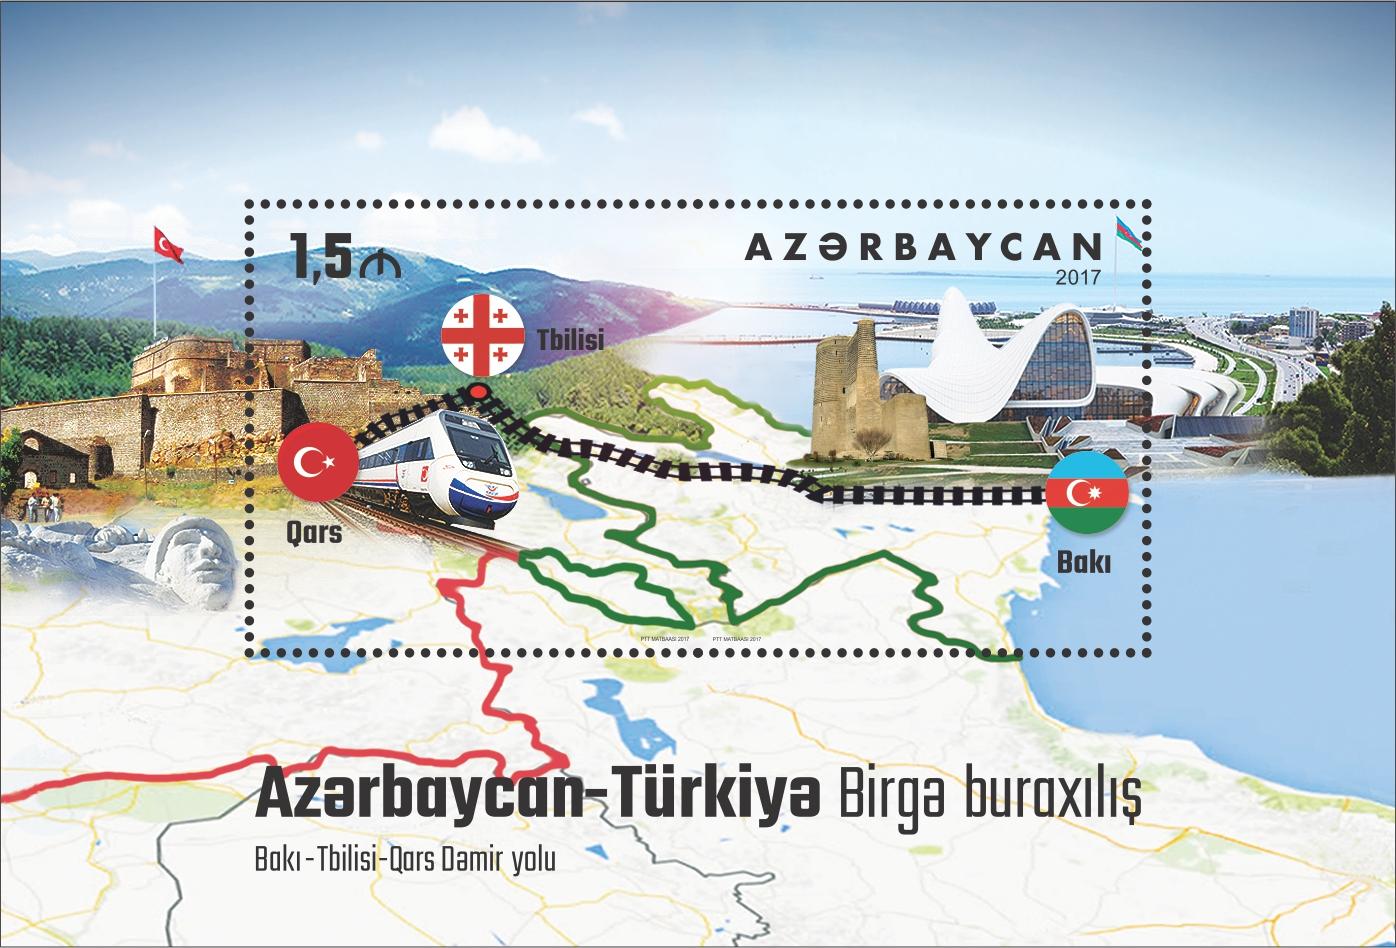 Bakı-Tbilisi-Qars layihəsinə həsr olunan poçt markası buraxıldı